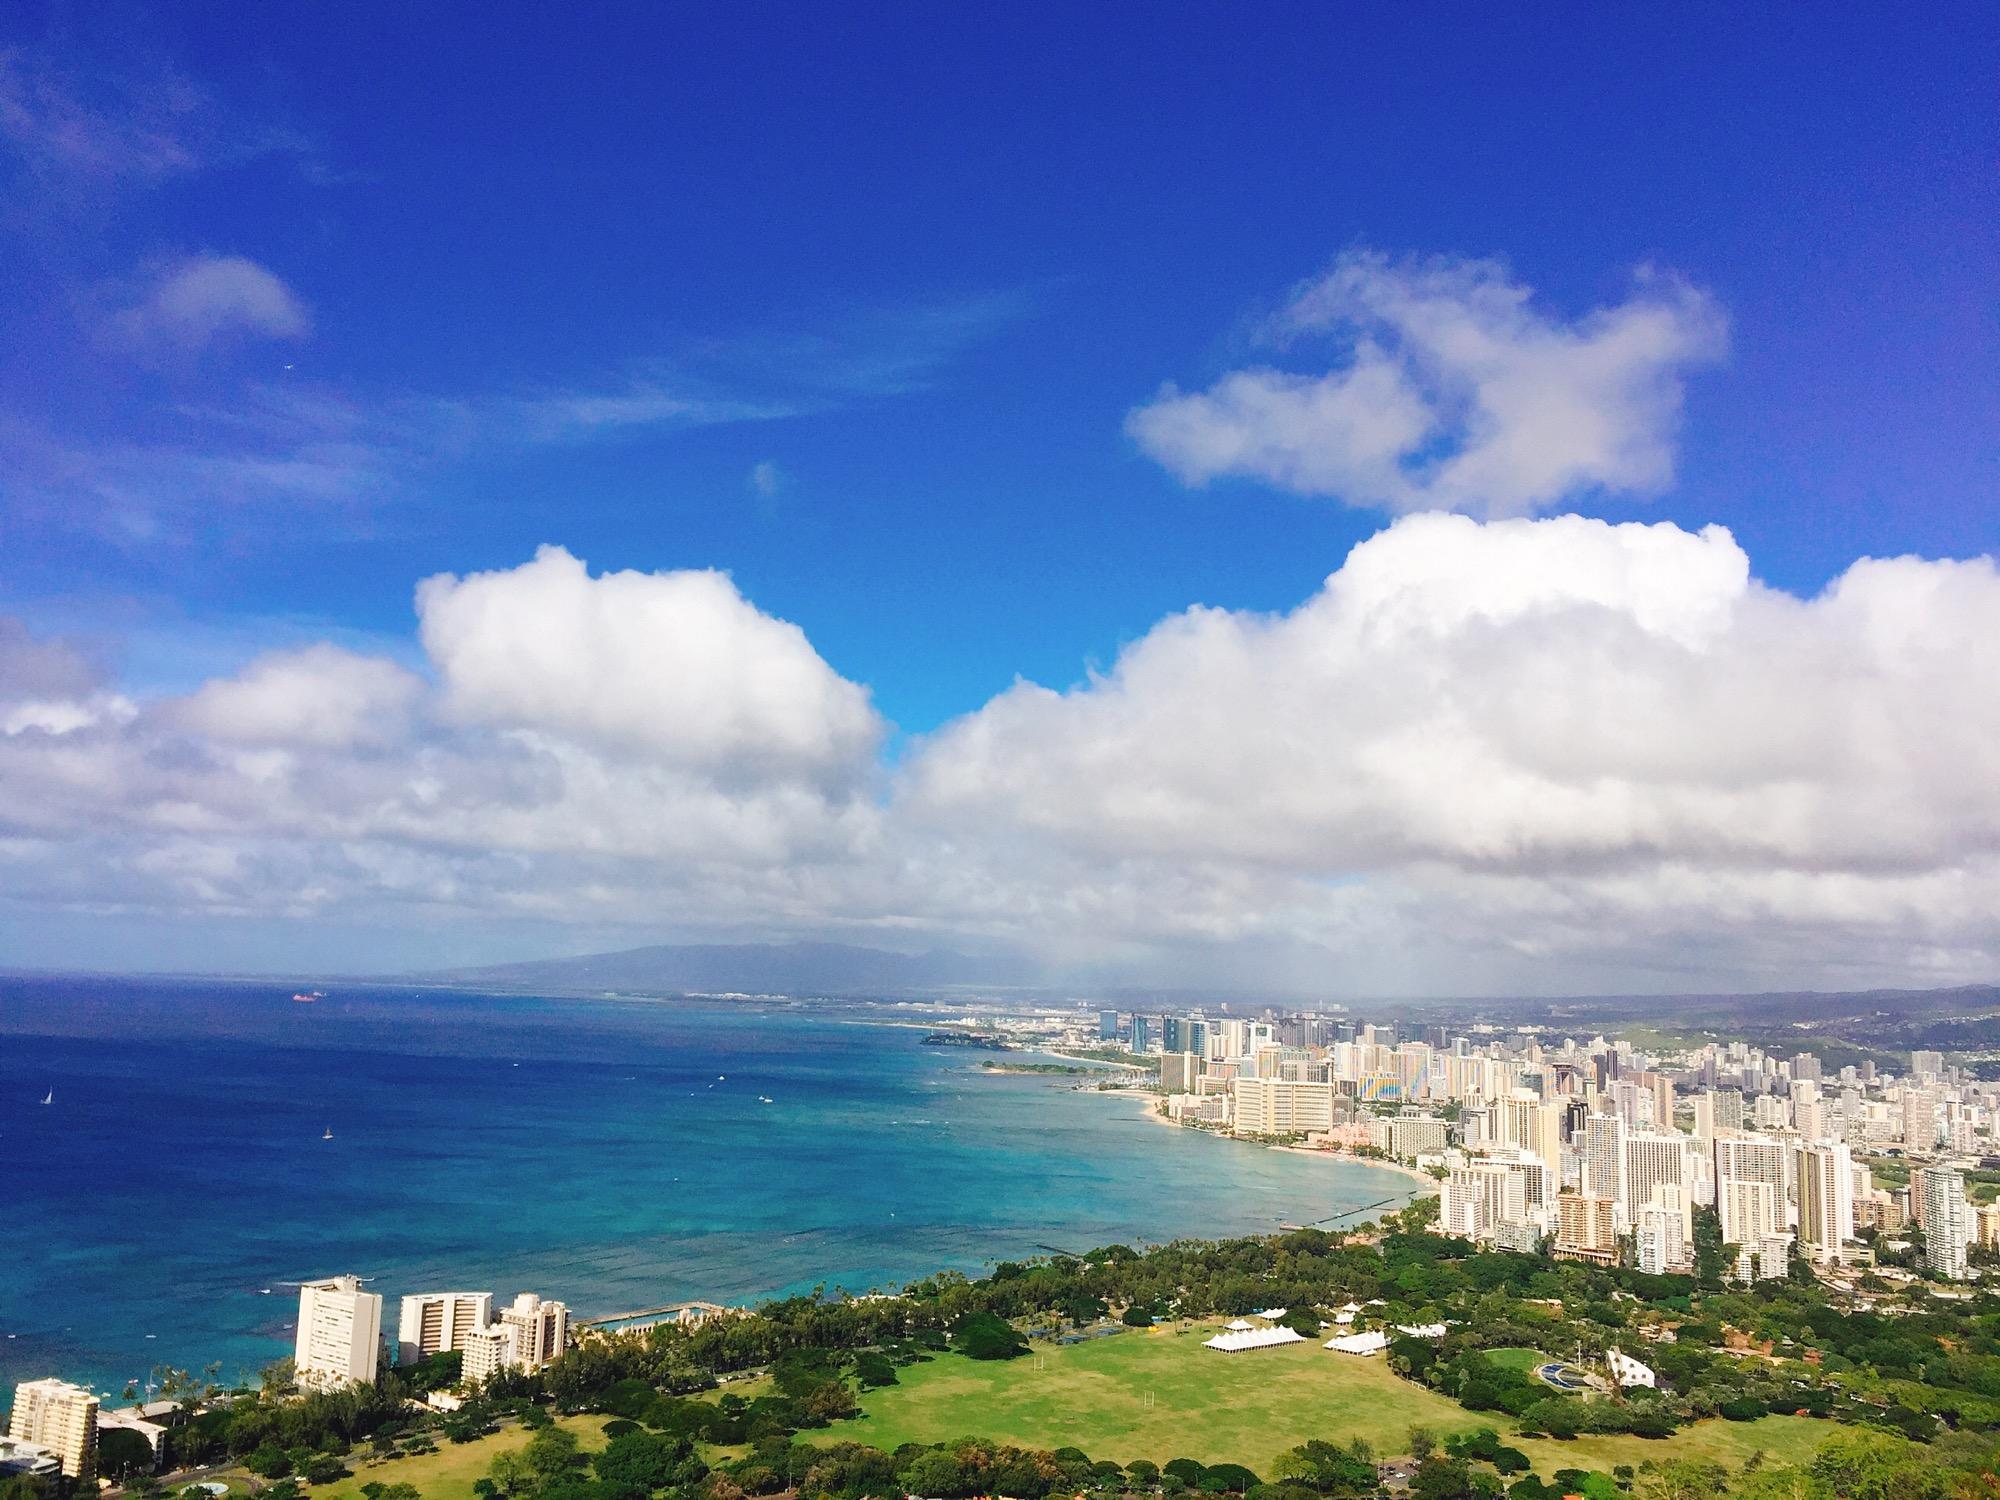 ハワイのいい感じな写真19枚を無料配布します【商用利用可能】